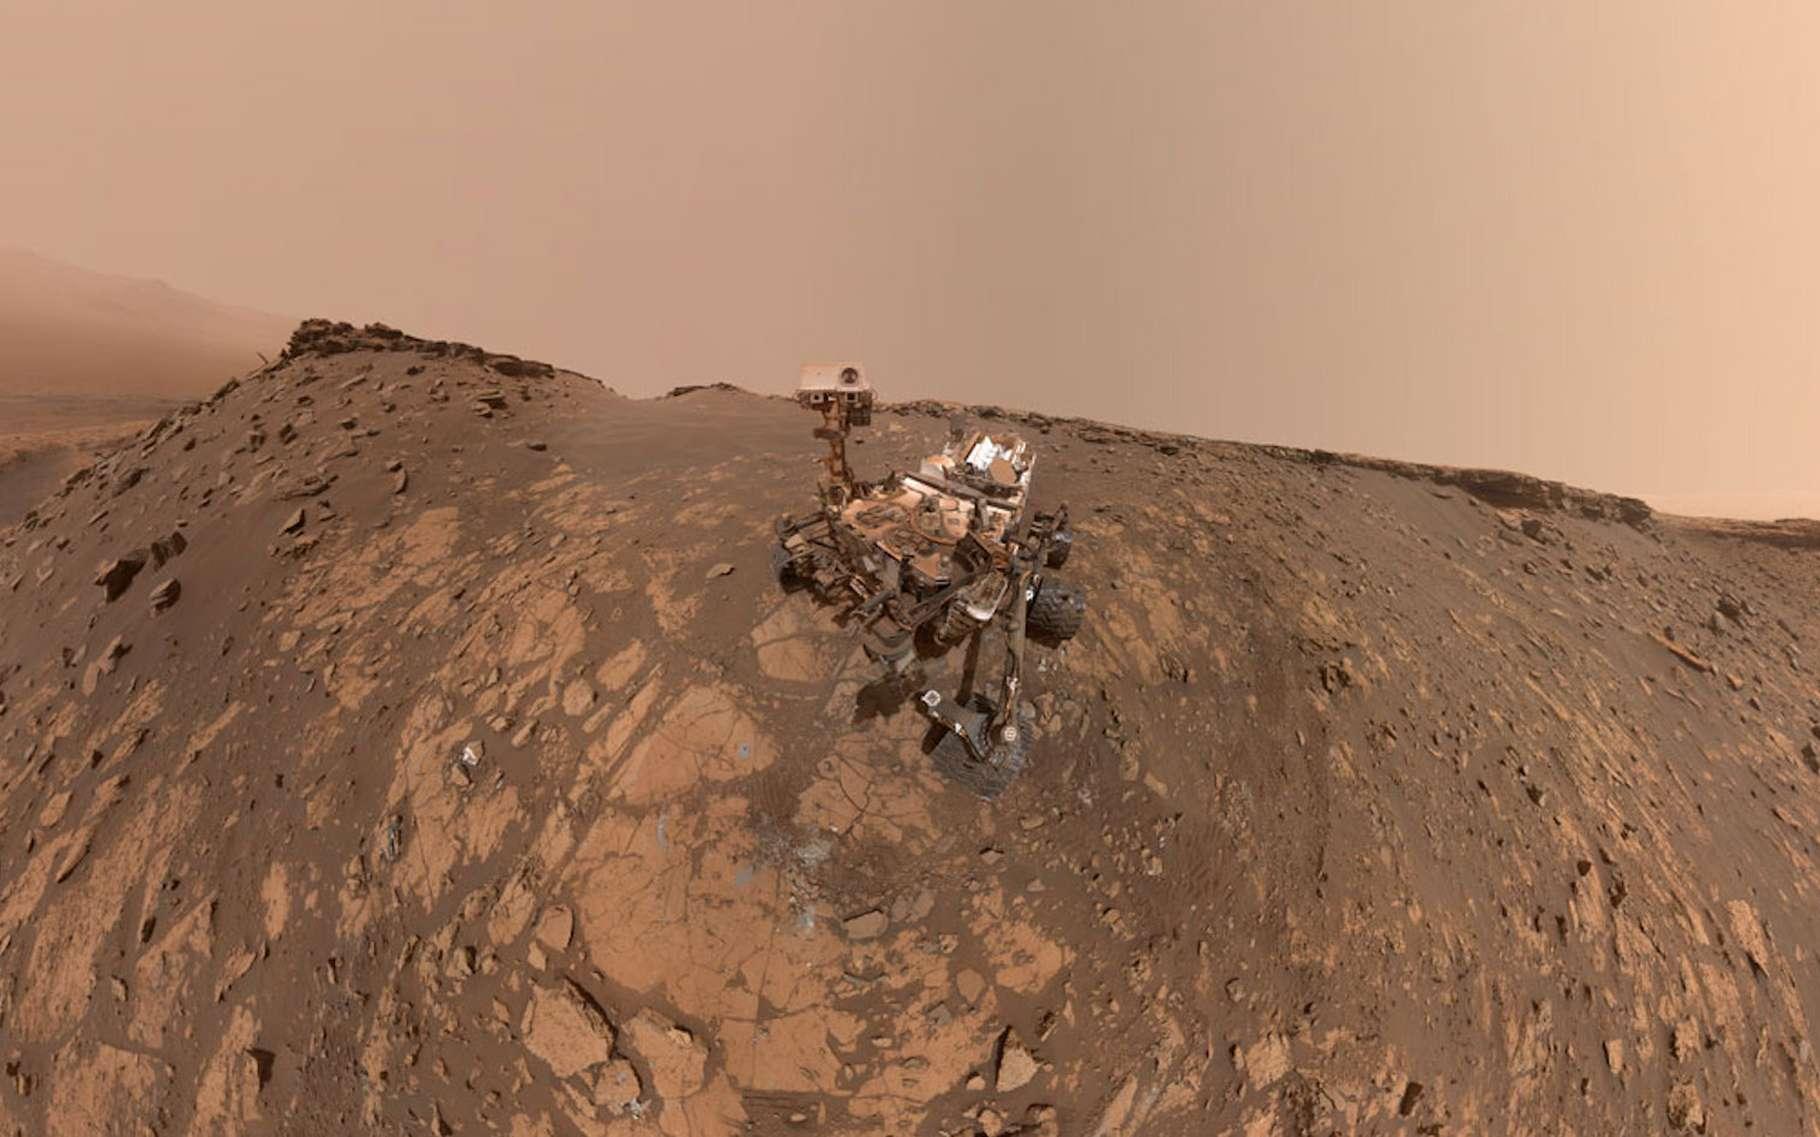 C'est en tournant sa Mastcam vers le ciel martien que le rover Curiosity a capturé des images de la Terre et de Vénus telles que vues depuis le sol de la Planète rouge. © JPL-Caltech, MSSS, Nasa